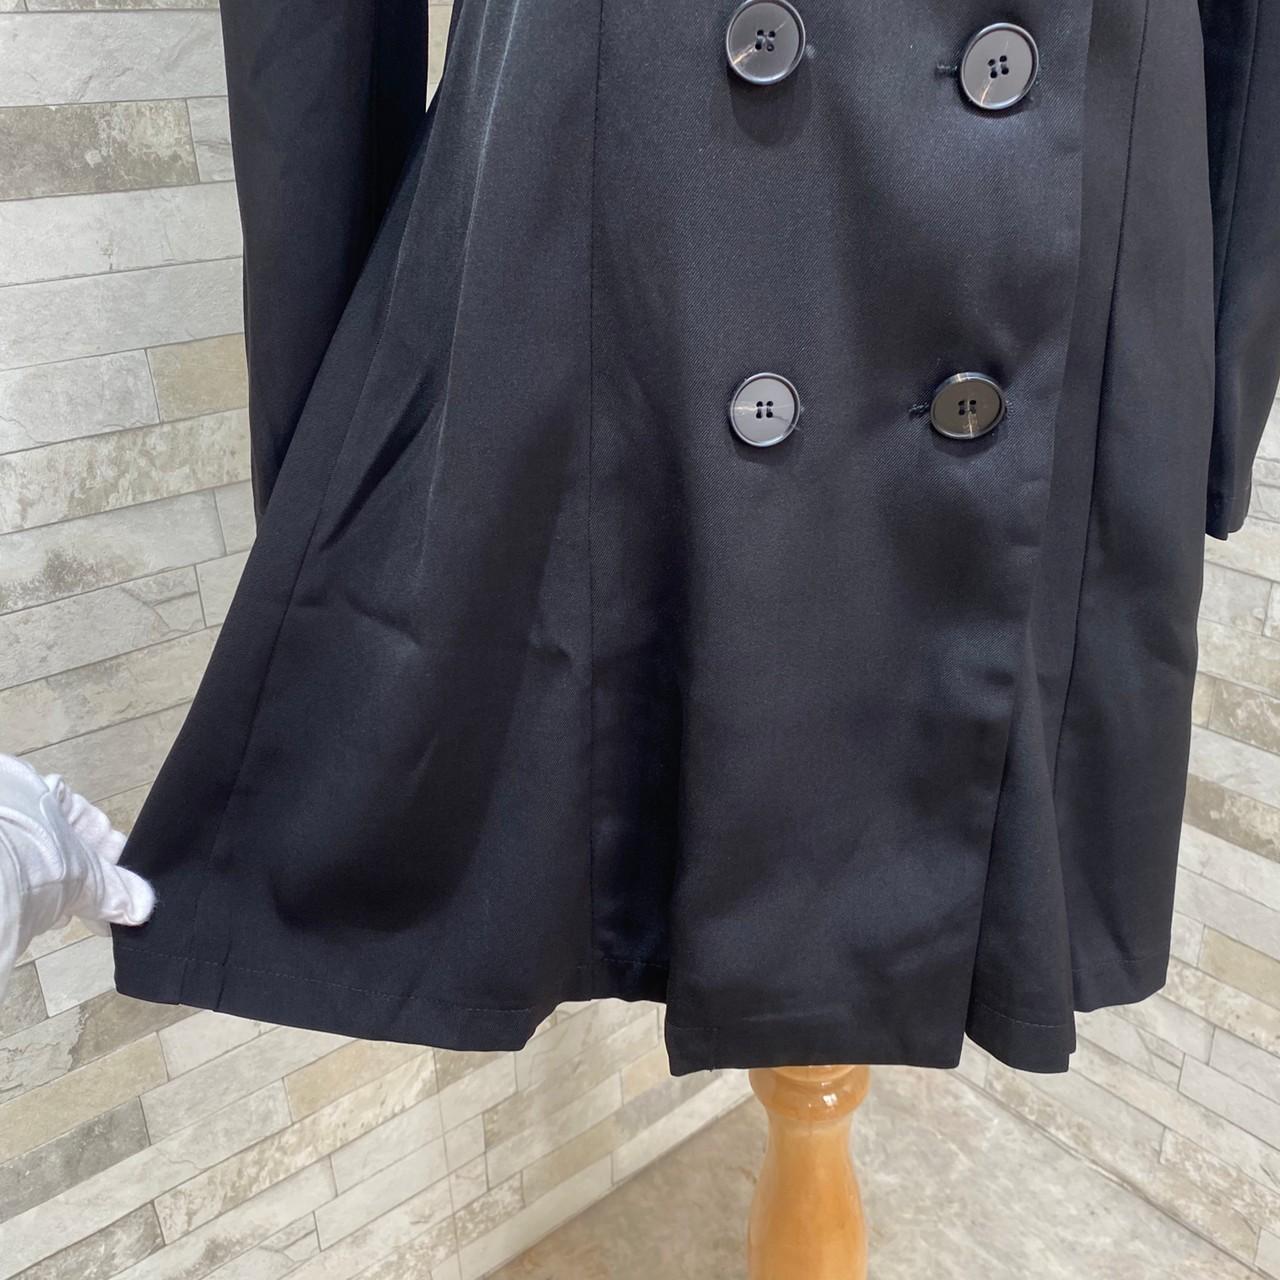 【即納】韓国 ファッション ワンピース 春 夏 秋 カジュアル SPTXE548  ミディ丈 コート エレガント パーティー オフィス フォーマル オルチャン シンプル 定番 セレカジの写真13枚目